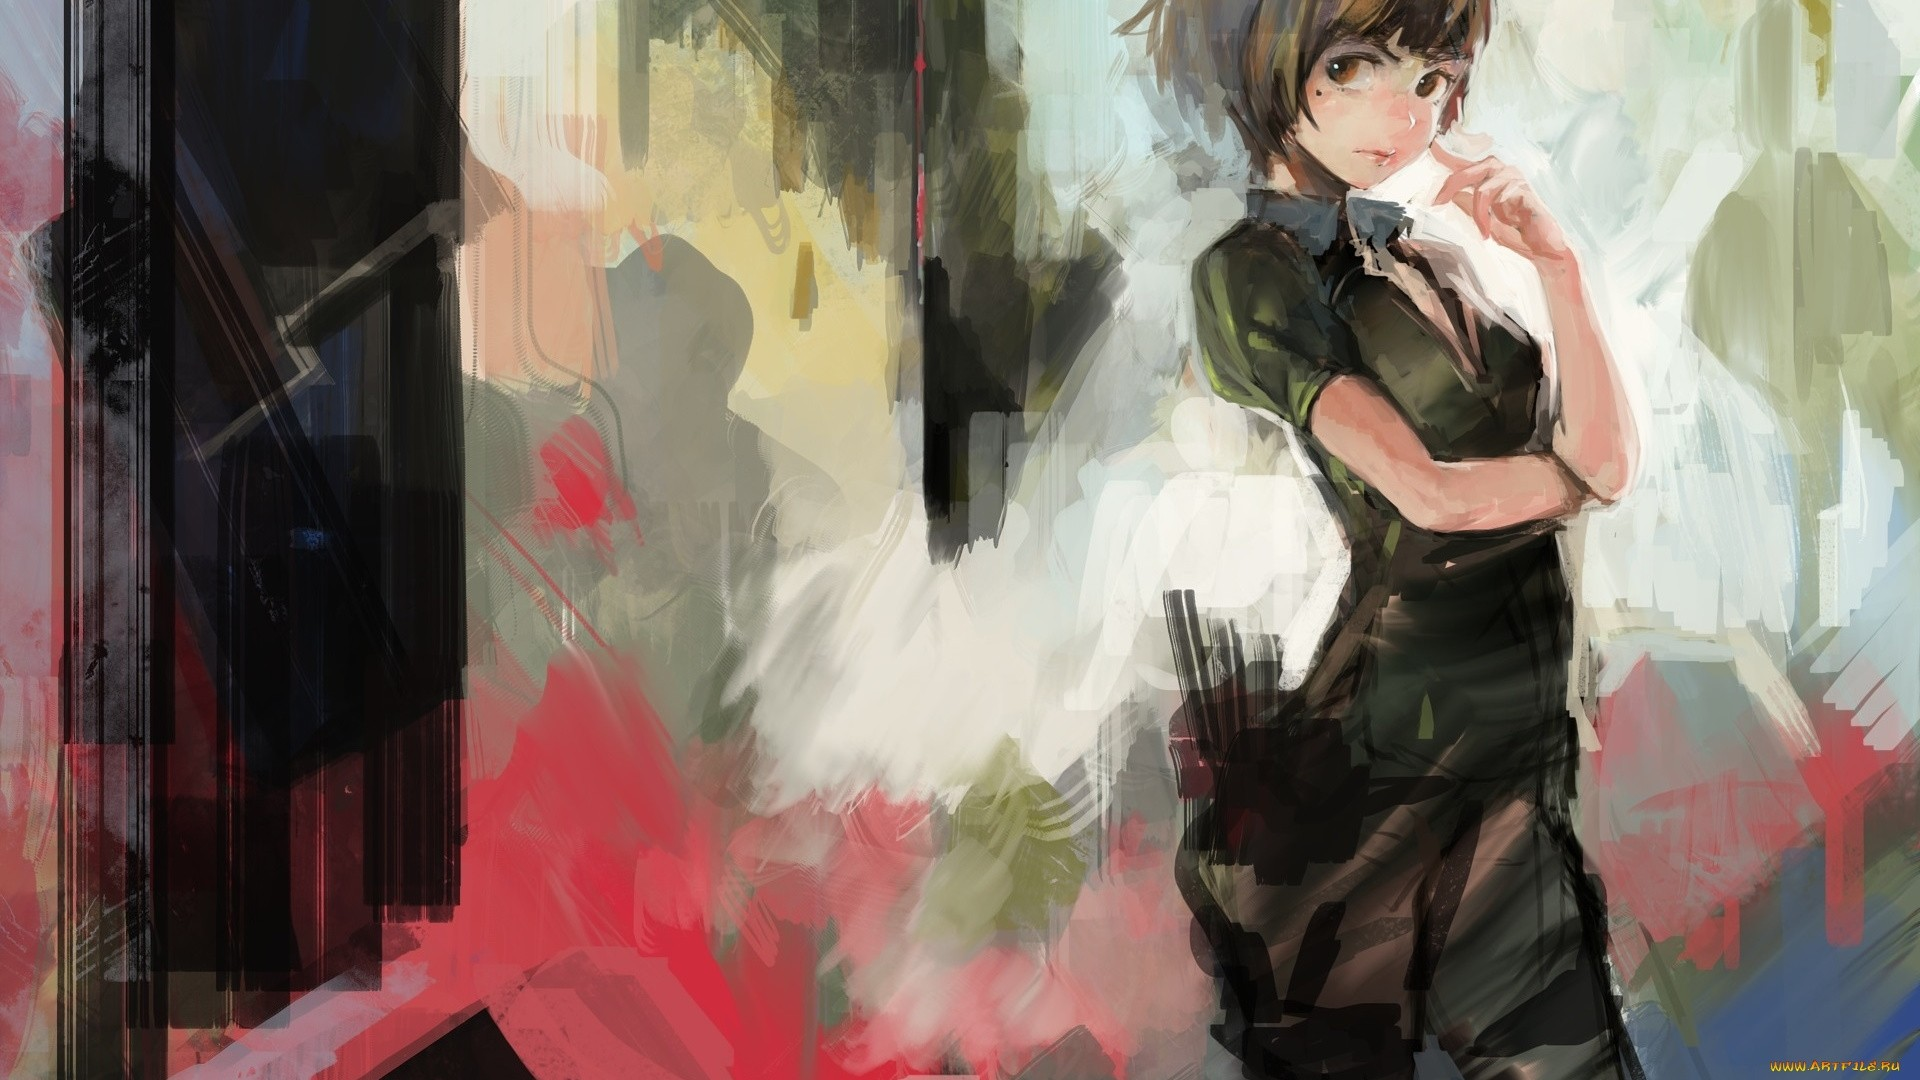 Anime Girl Short Hair PC Wallpaper